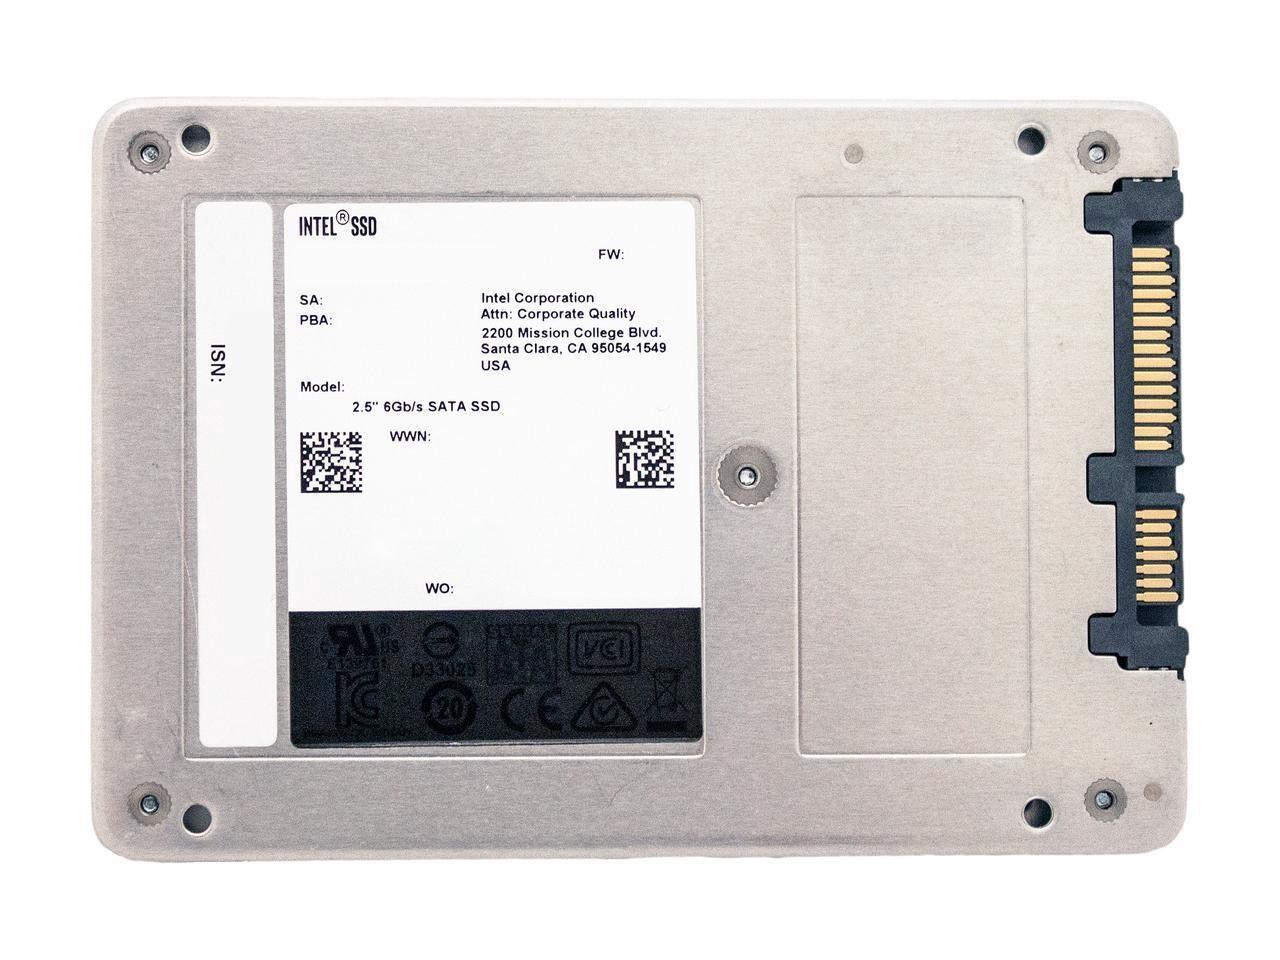 Intel Ssd 545s Series 128gb 25 Sata Iii Ssdsc2kw128g8x1 Adata 256gb Ultimate Su800 Solid State Drive 256 Gb Ccl Computers